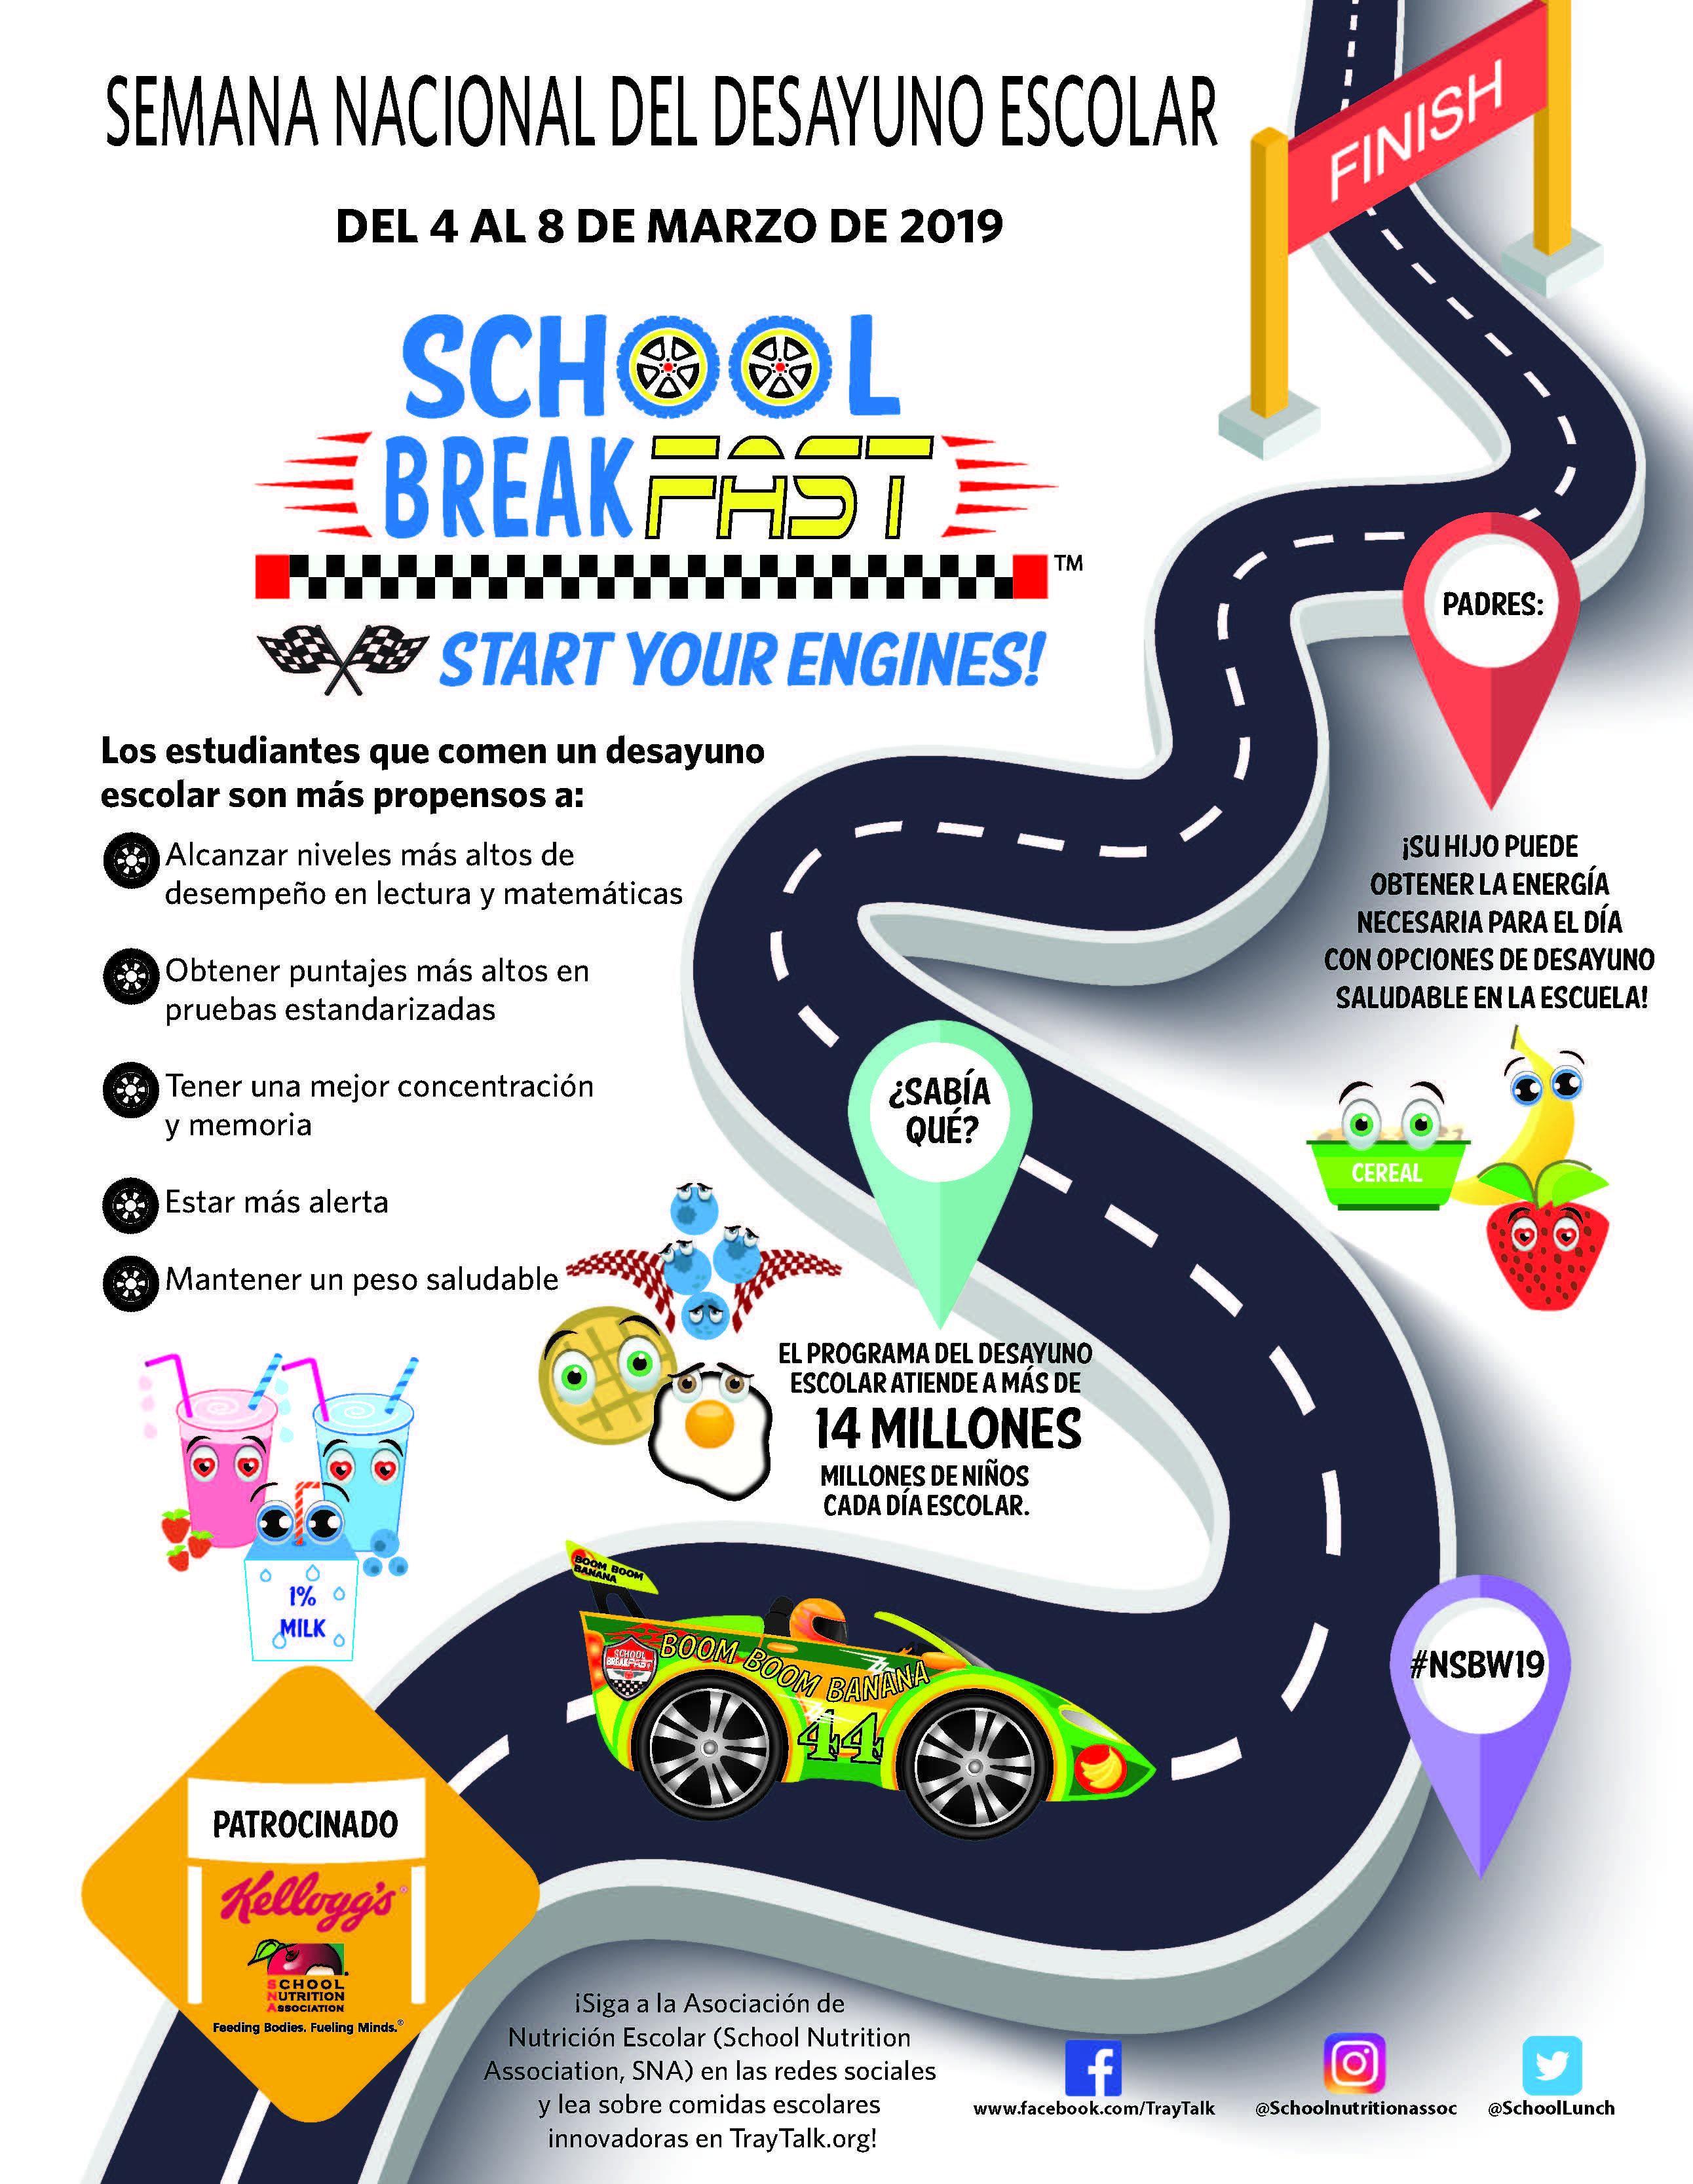 NSBW19-infographic-spanish.jpg